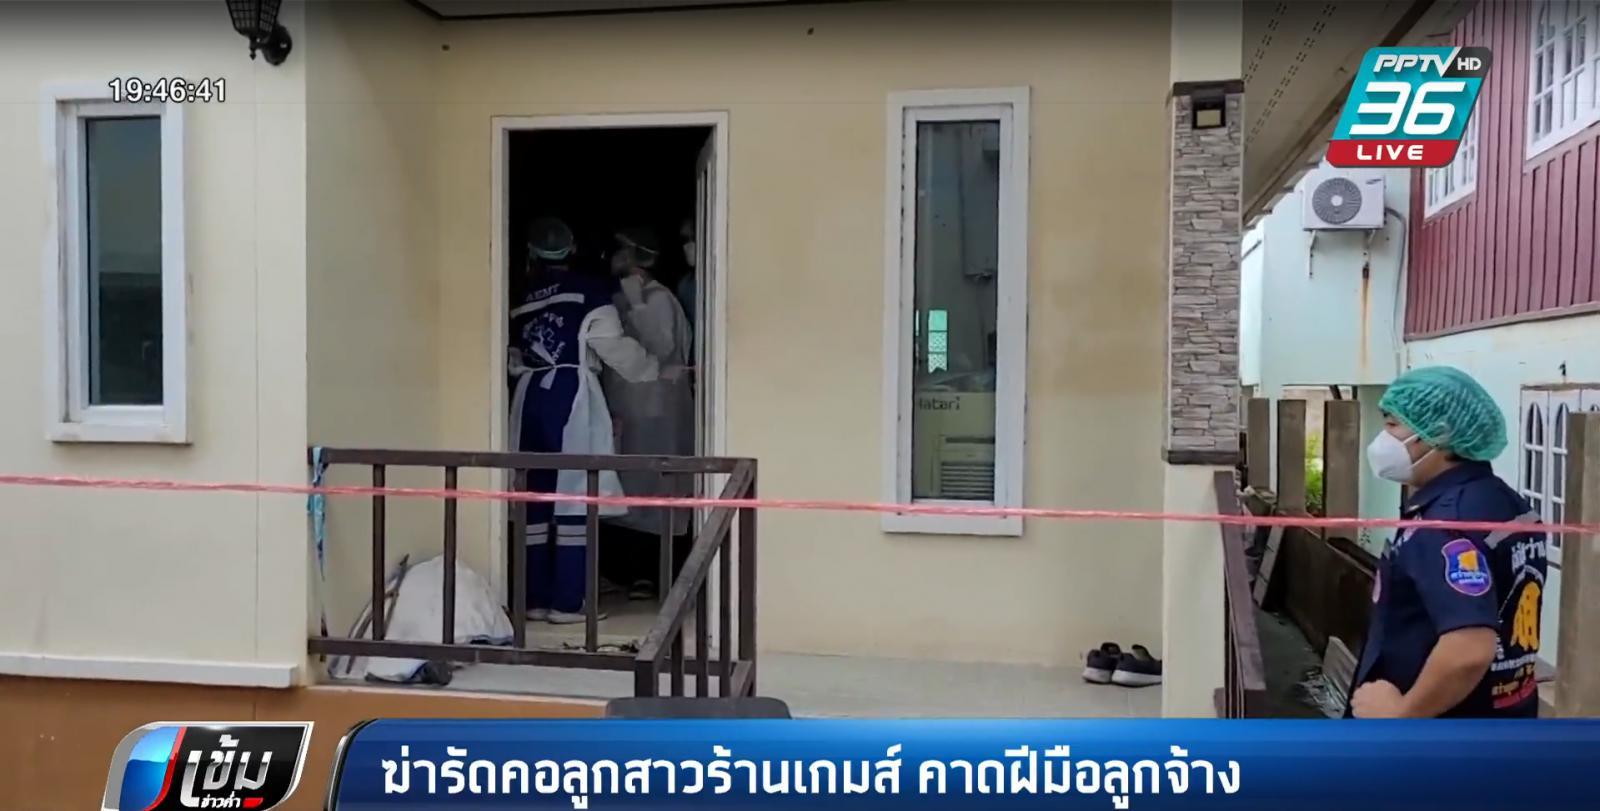 ฆ่ารัดคอเปลือยสาว 26 ปี คาบ้านพัก คาดคนร้ายเป็นลูกจ้างร้านเกม